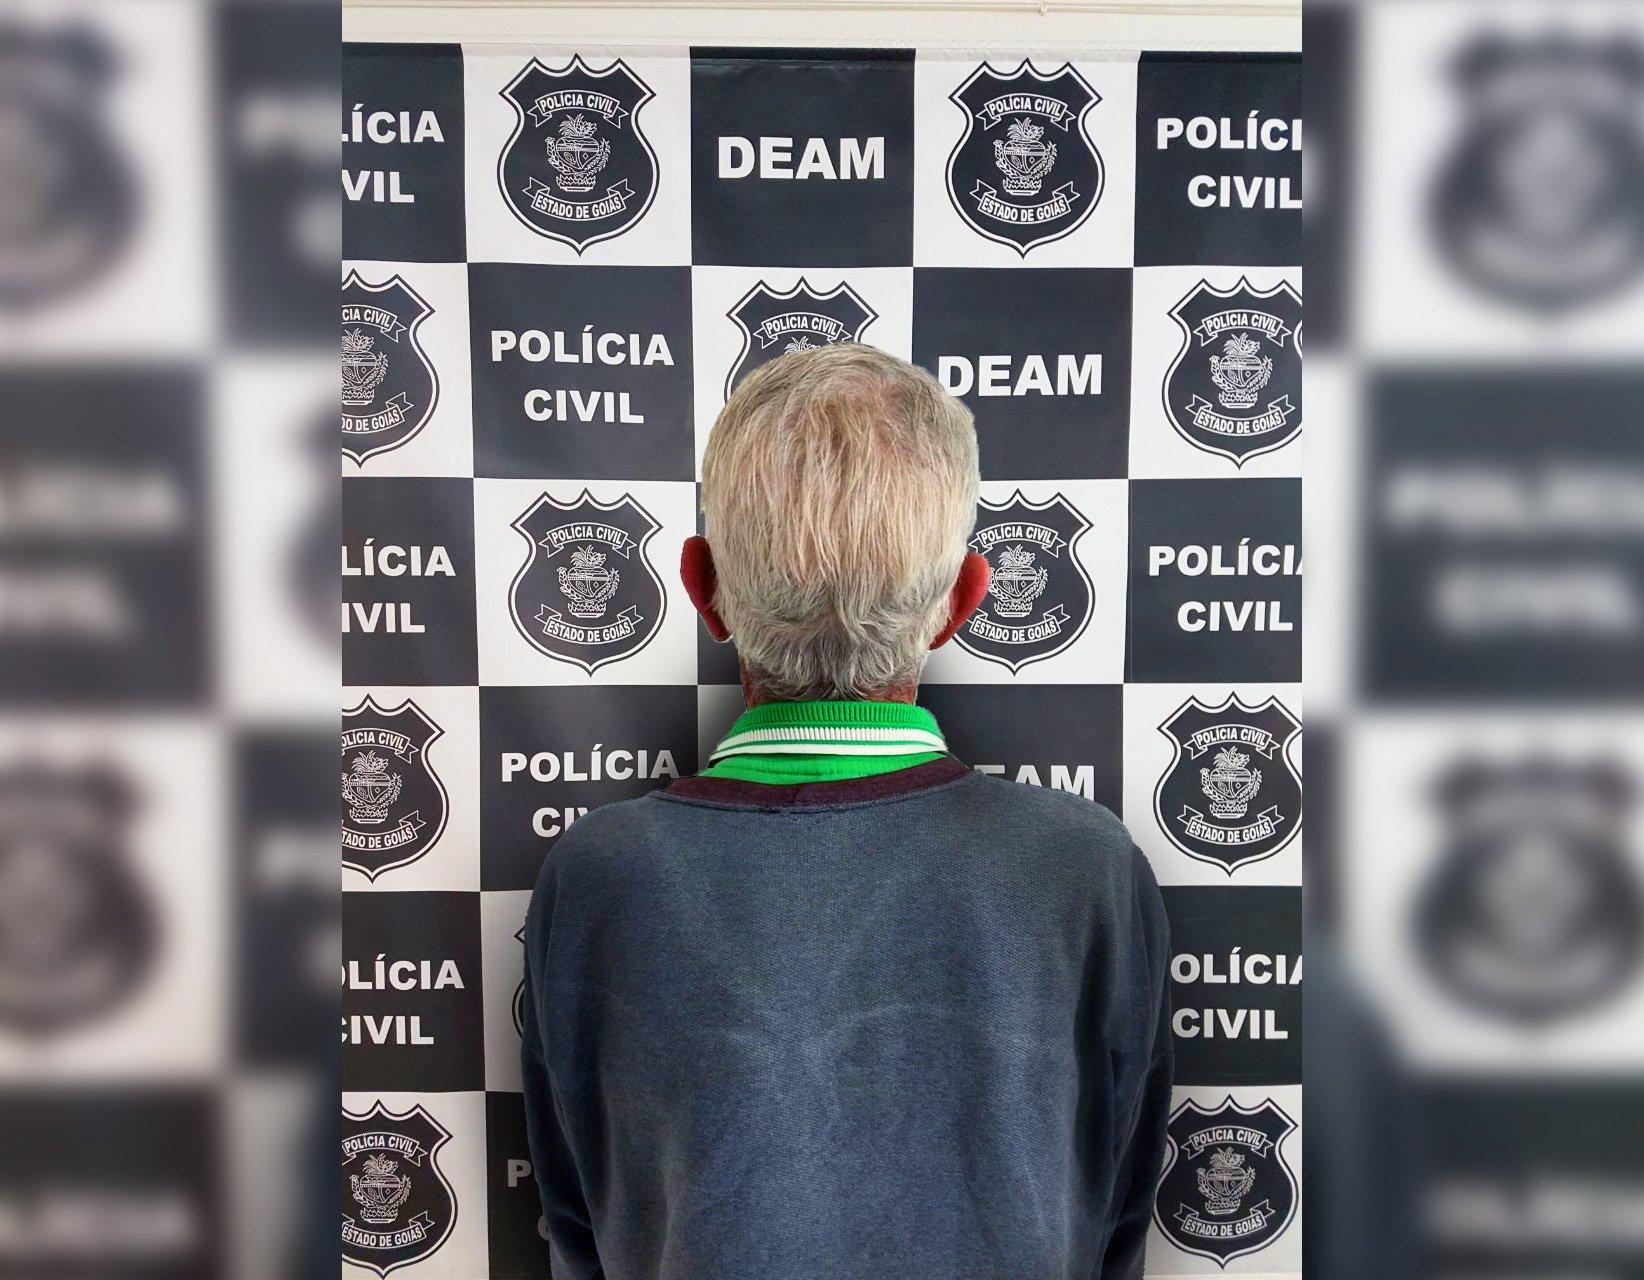 Suspeito de pedofilia, Idoso é preso por estupro de criança em Valparaíso   Foto: Divulgação/ Polícia Civil